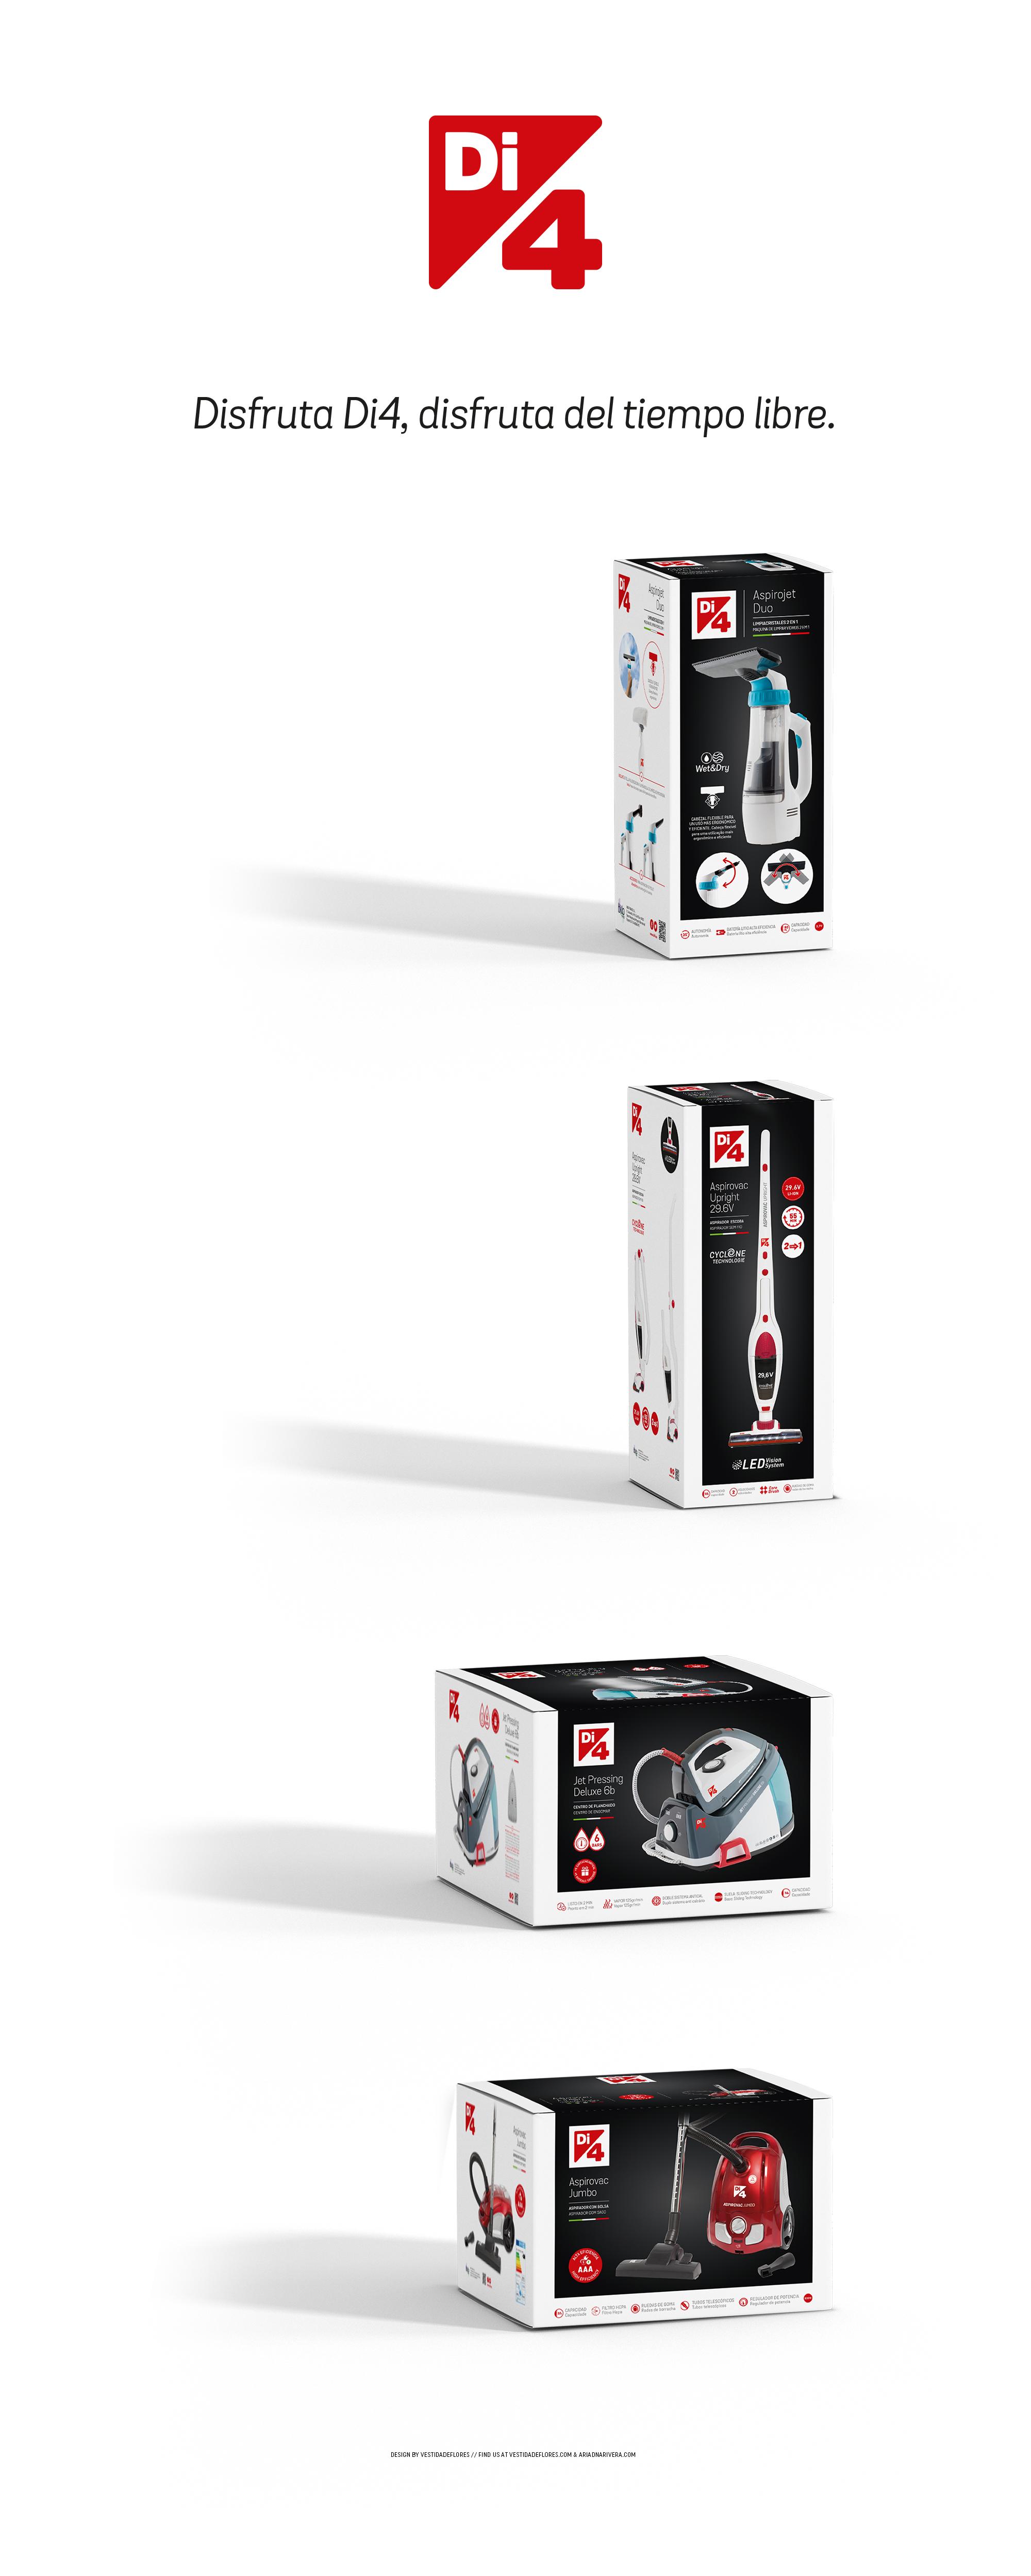 Vestida de Flores - Diseño packaging electrodomésticos Di4